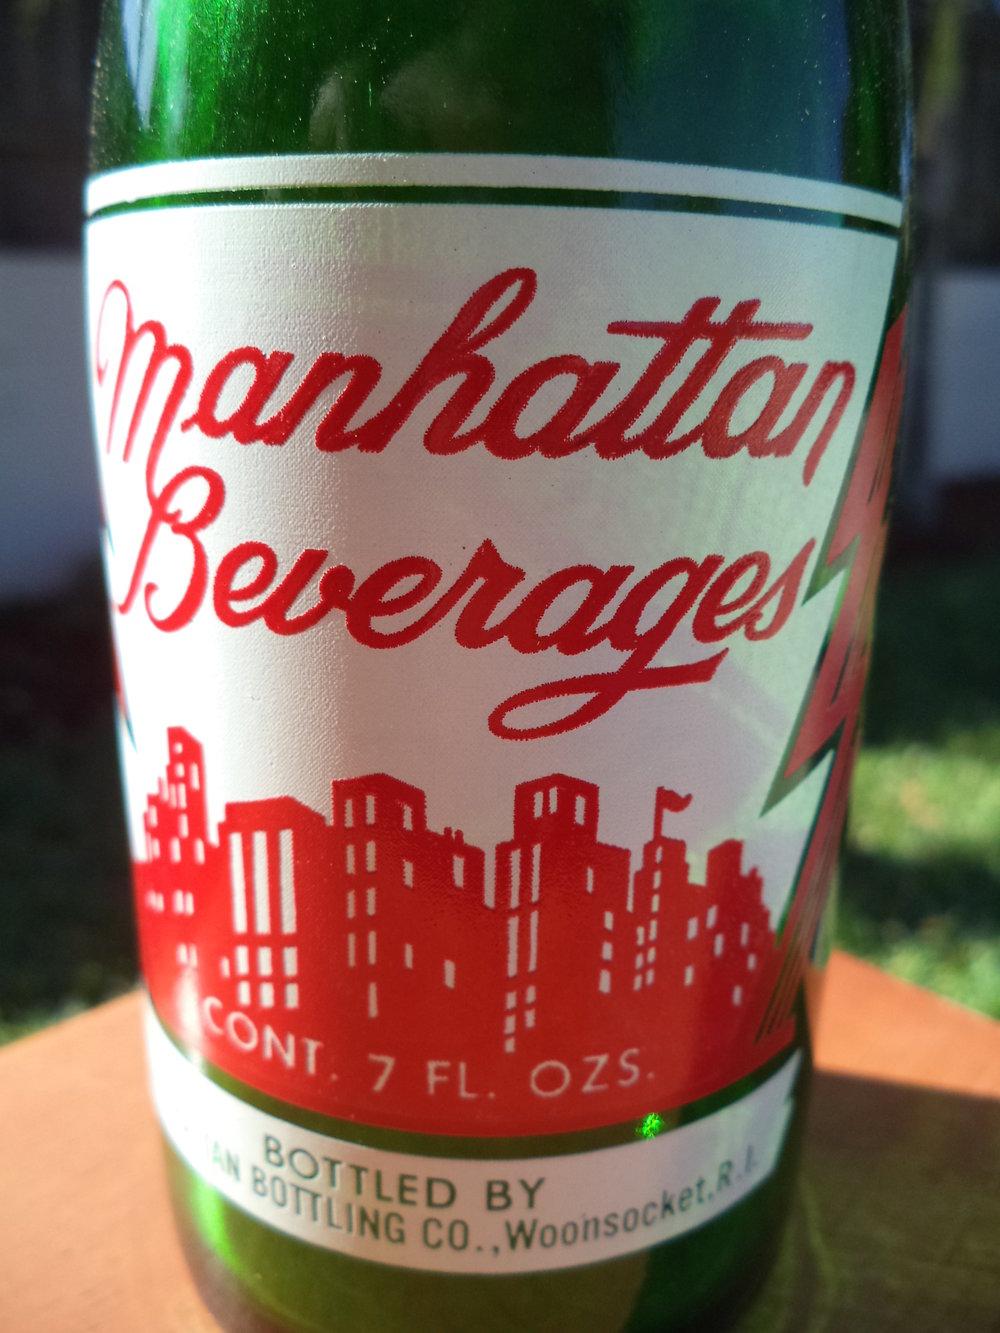 Manhattan Beverages